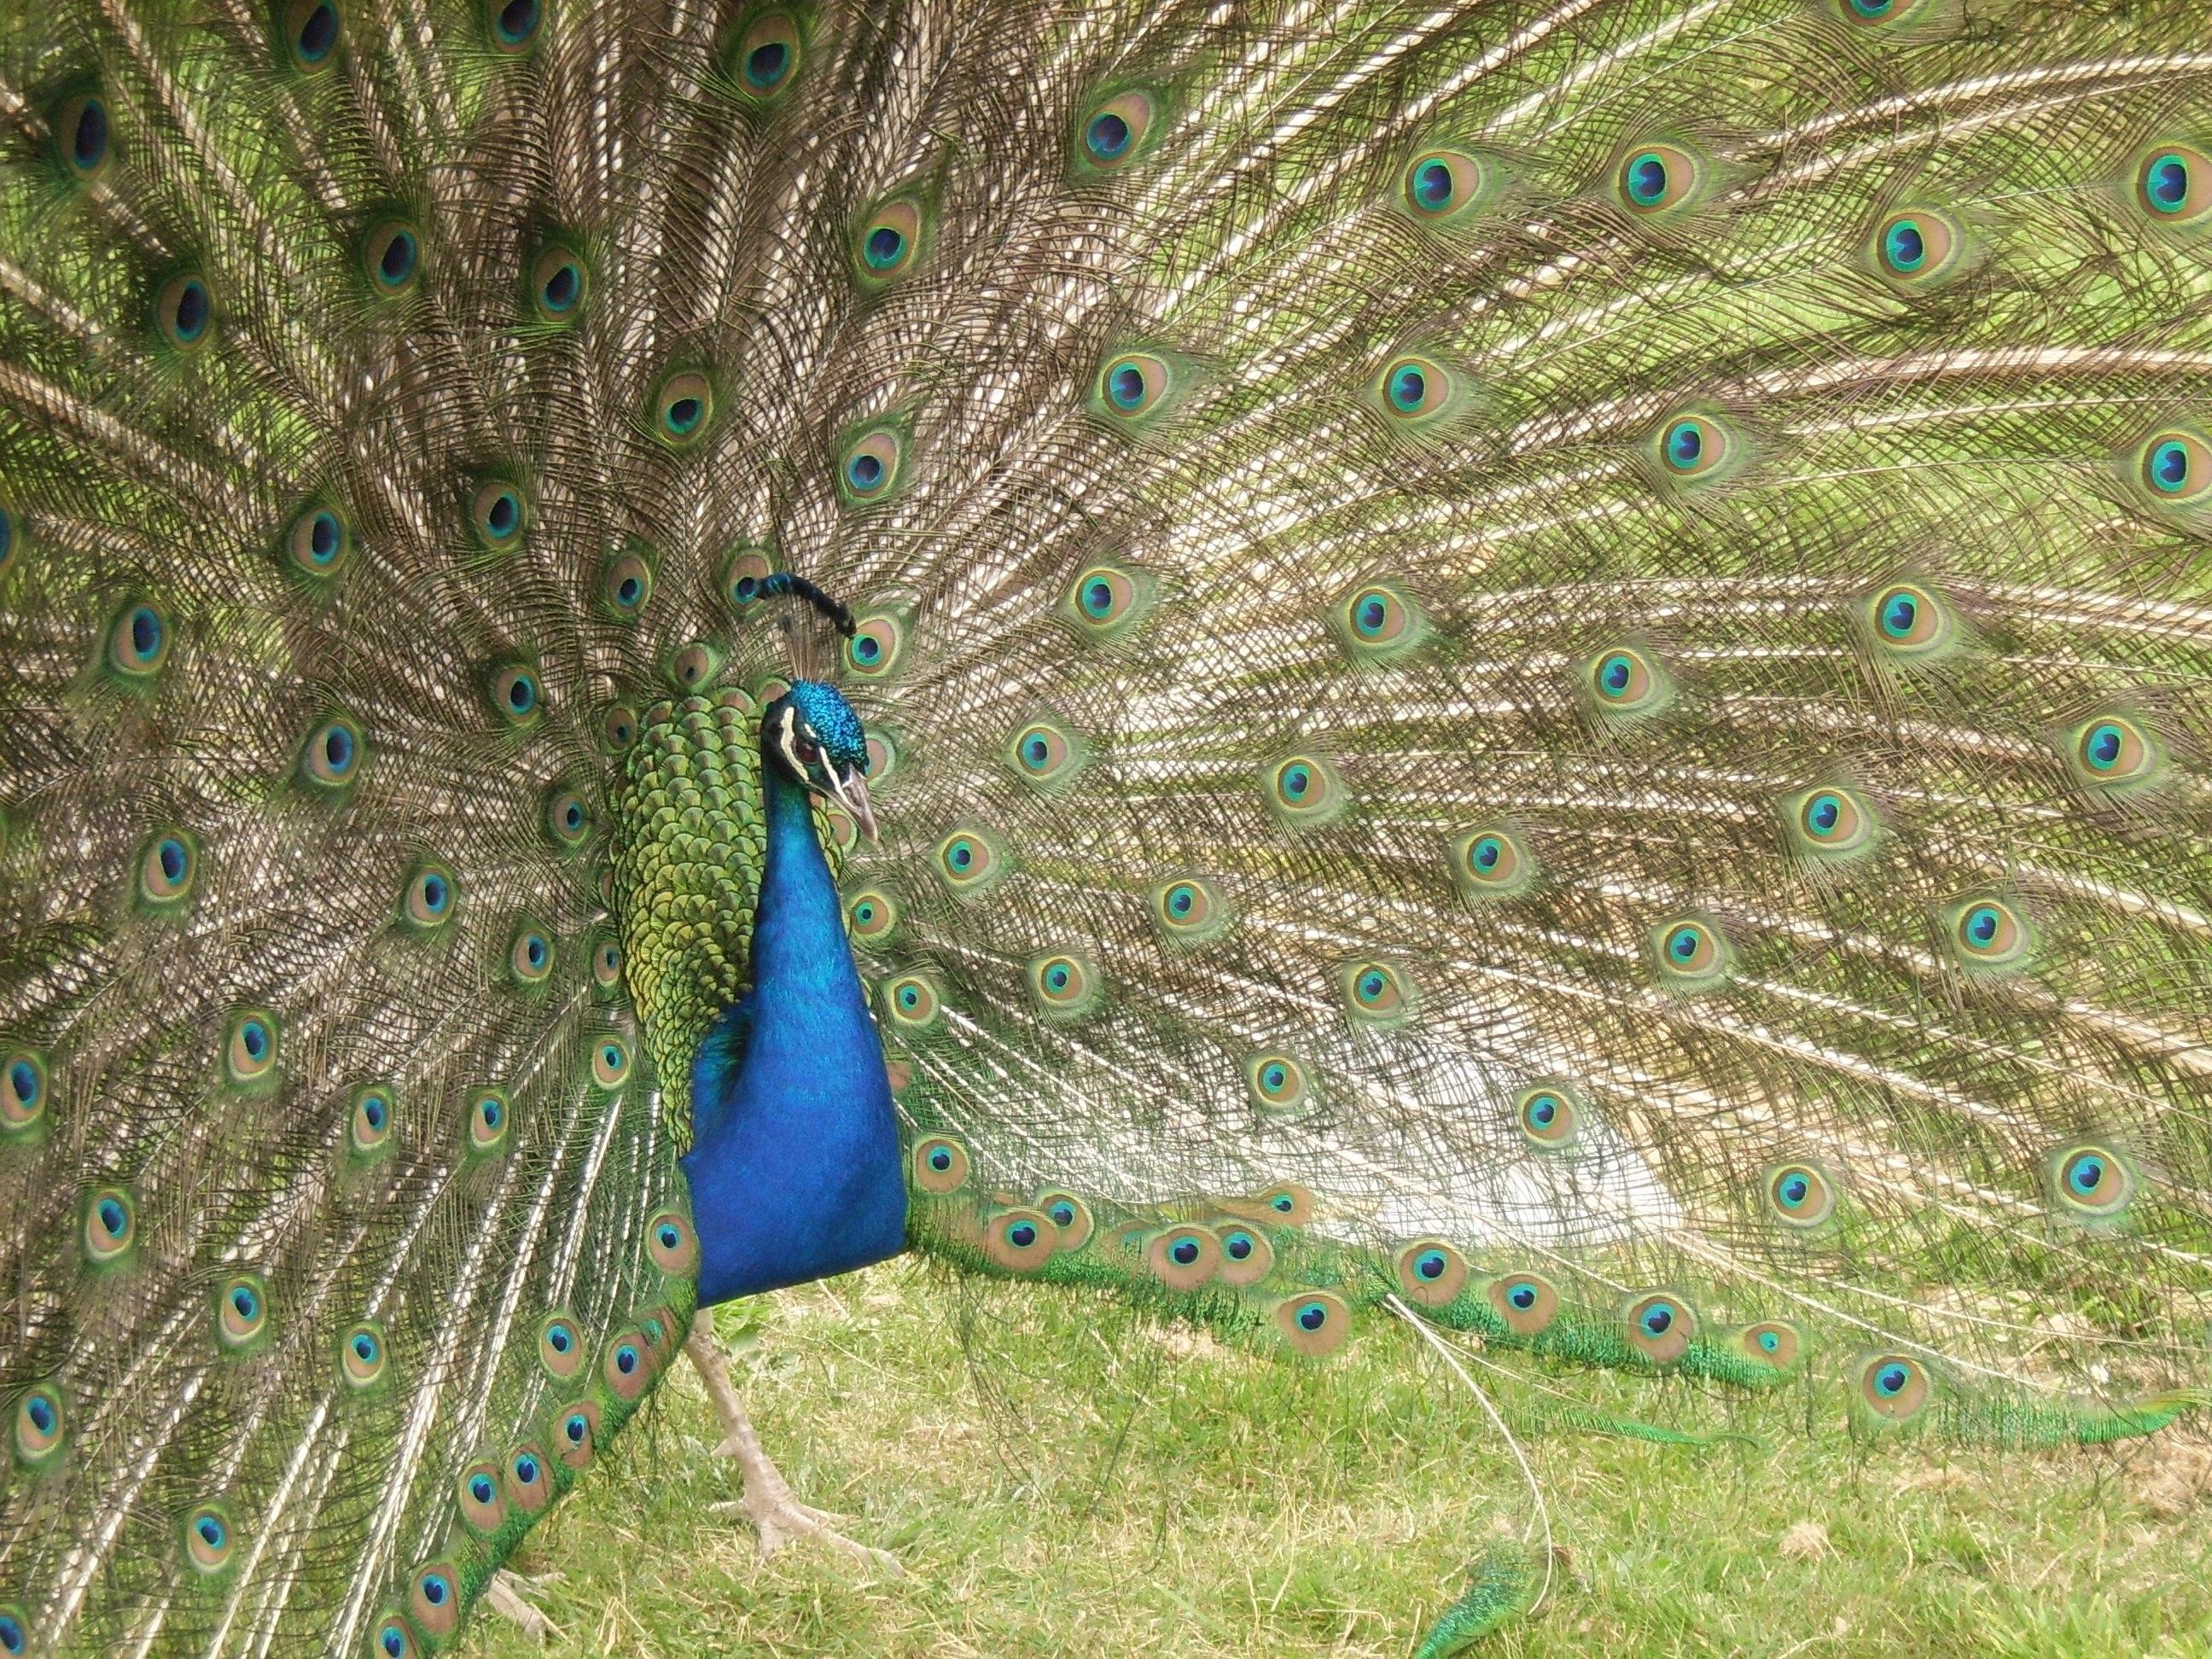 images gratuites oiseau aile vert couleur bleu faune paon les yeux plumes queue. Black Bedroom Furniture Sets. Home Design Ideas